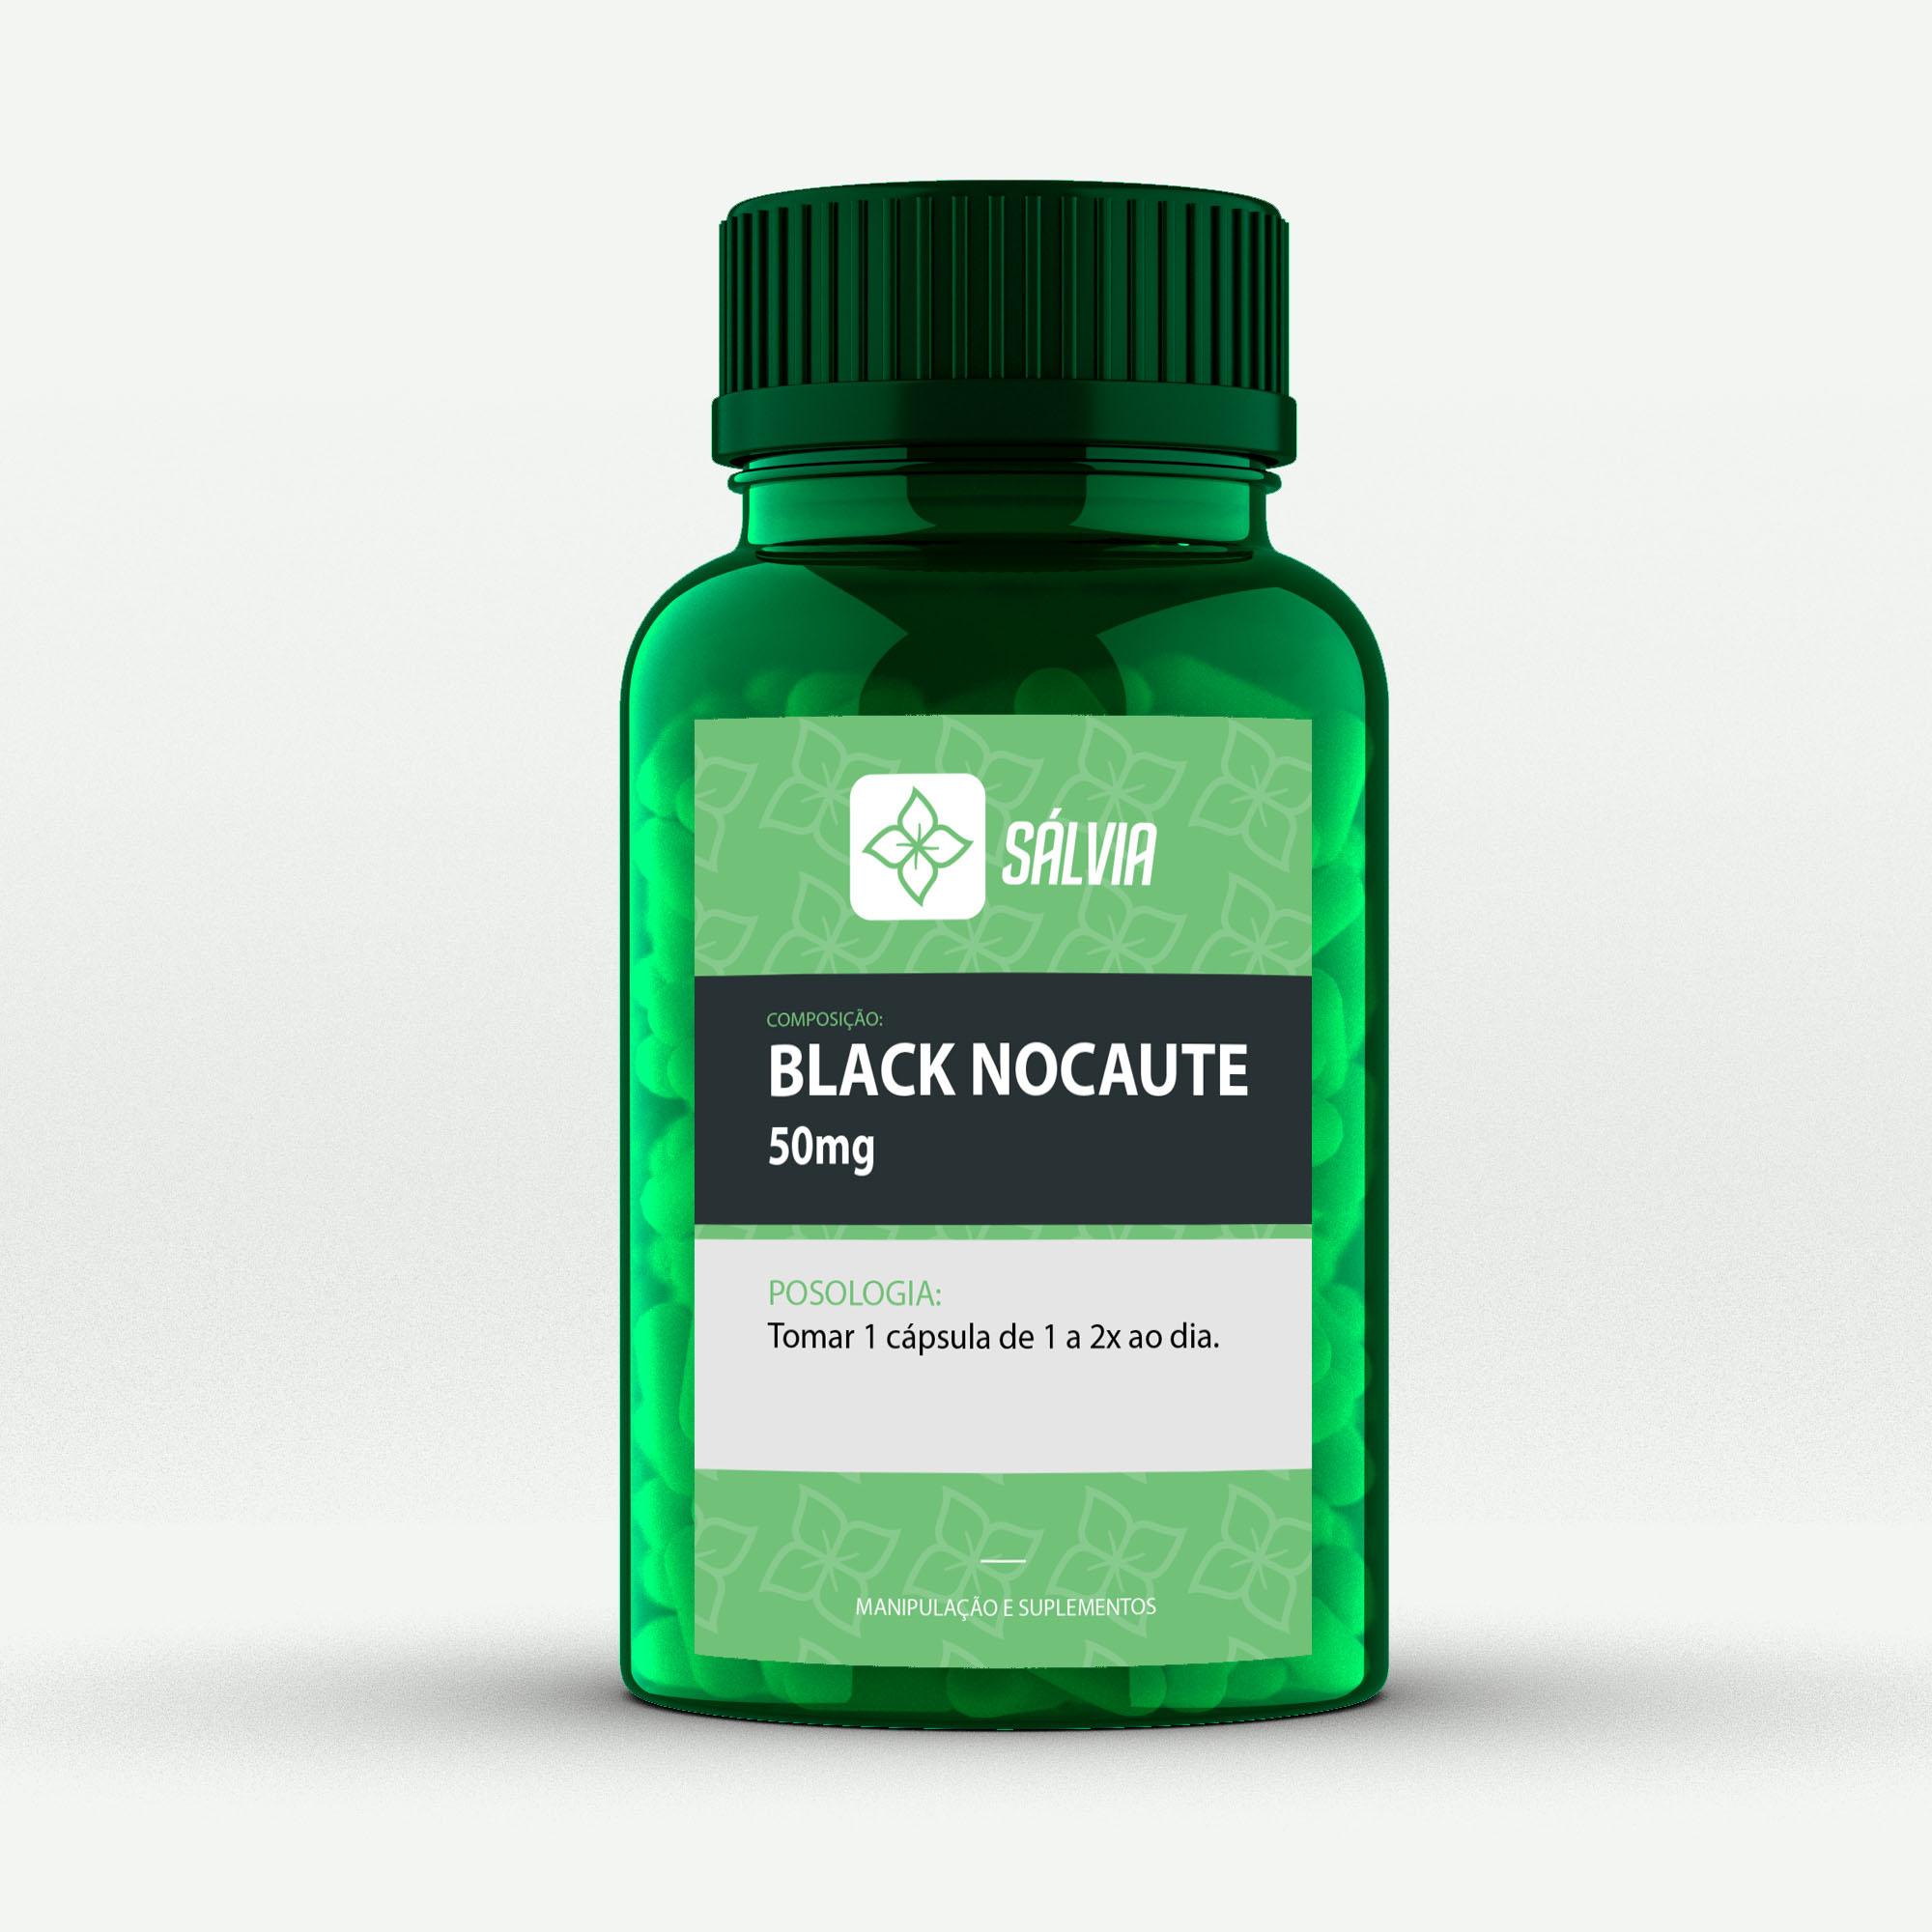 BLACK NOCAUTE 50mg - Cápsulas